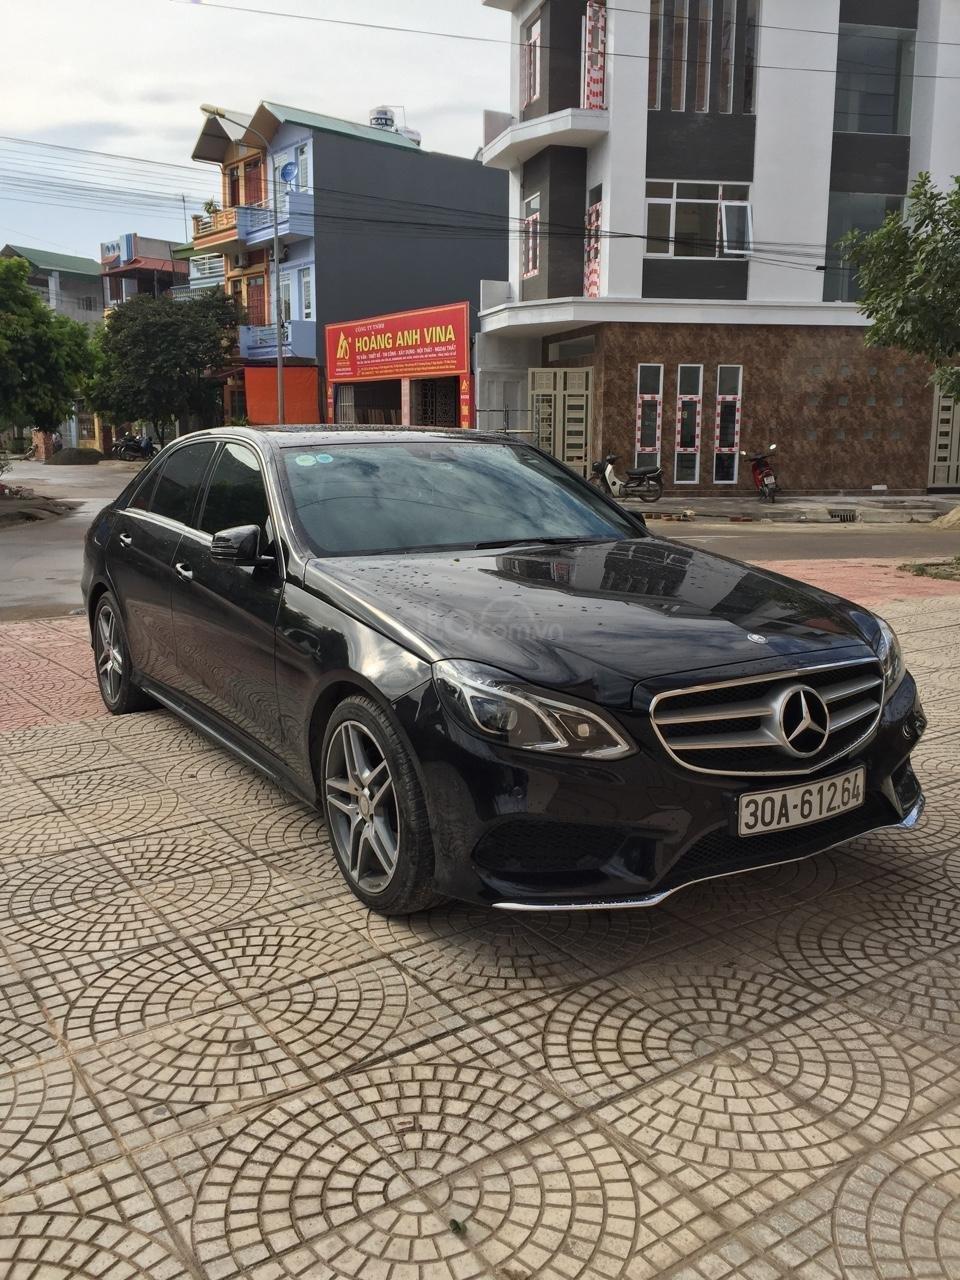 Bán xe Mercedes E250 AMG màu đen, nội thất kem liên hệ 0903287342 (1)